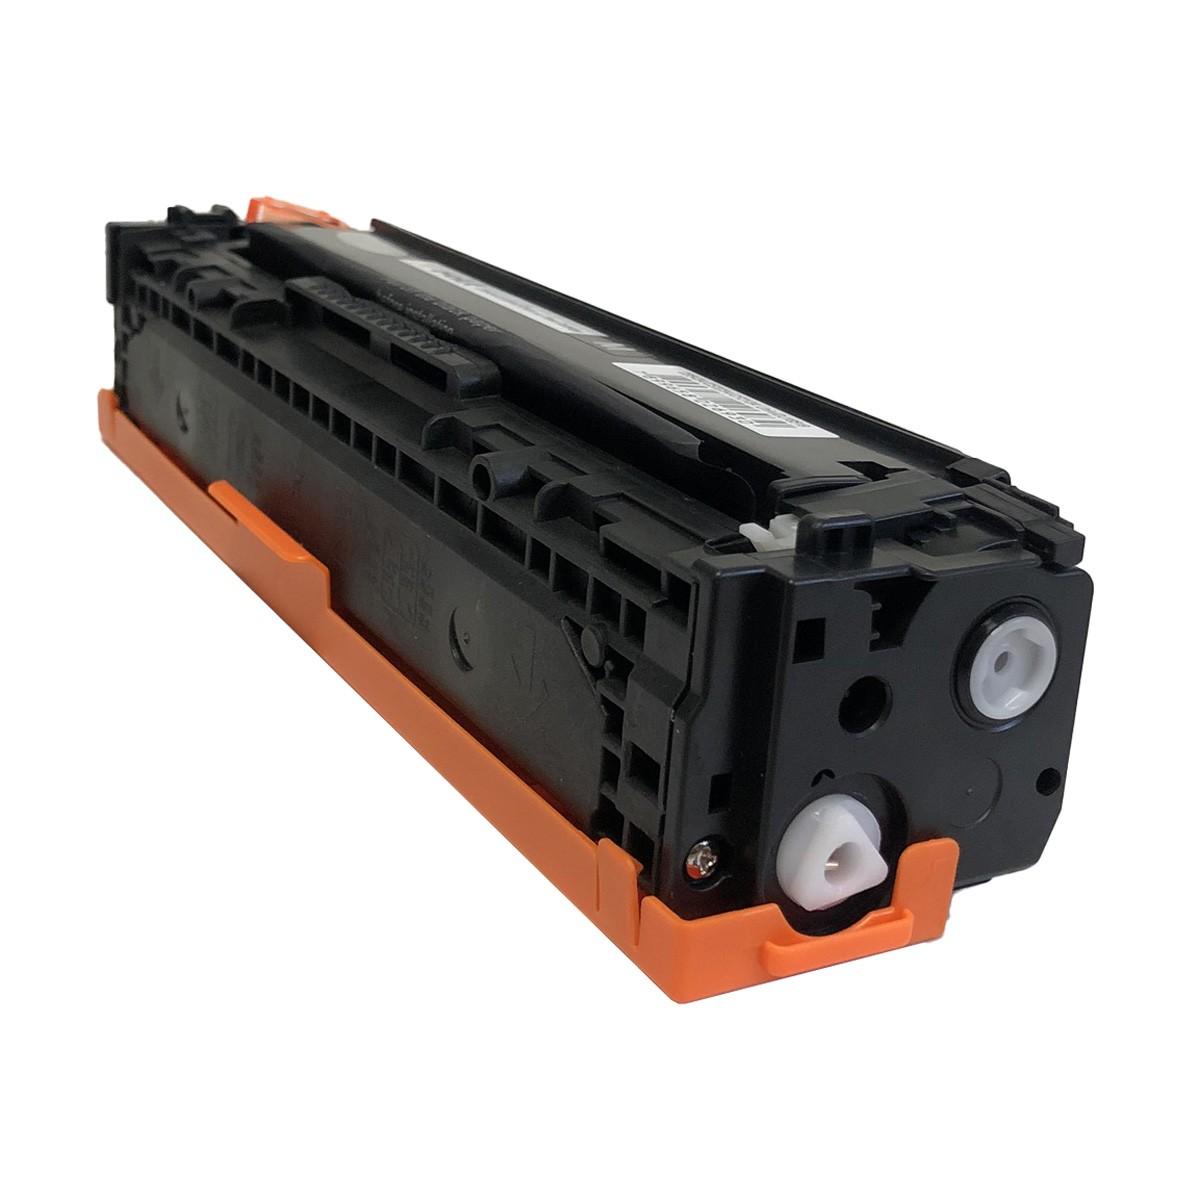 Toner CB543 Magenta Evolut Compatível com Cp 1210 Cp 1215 Cp 1515 da HP